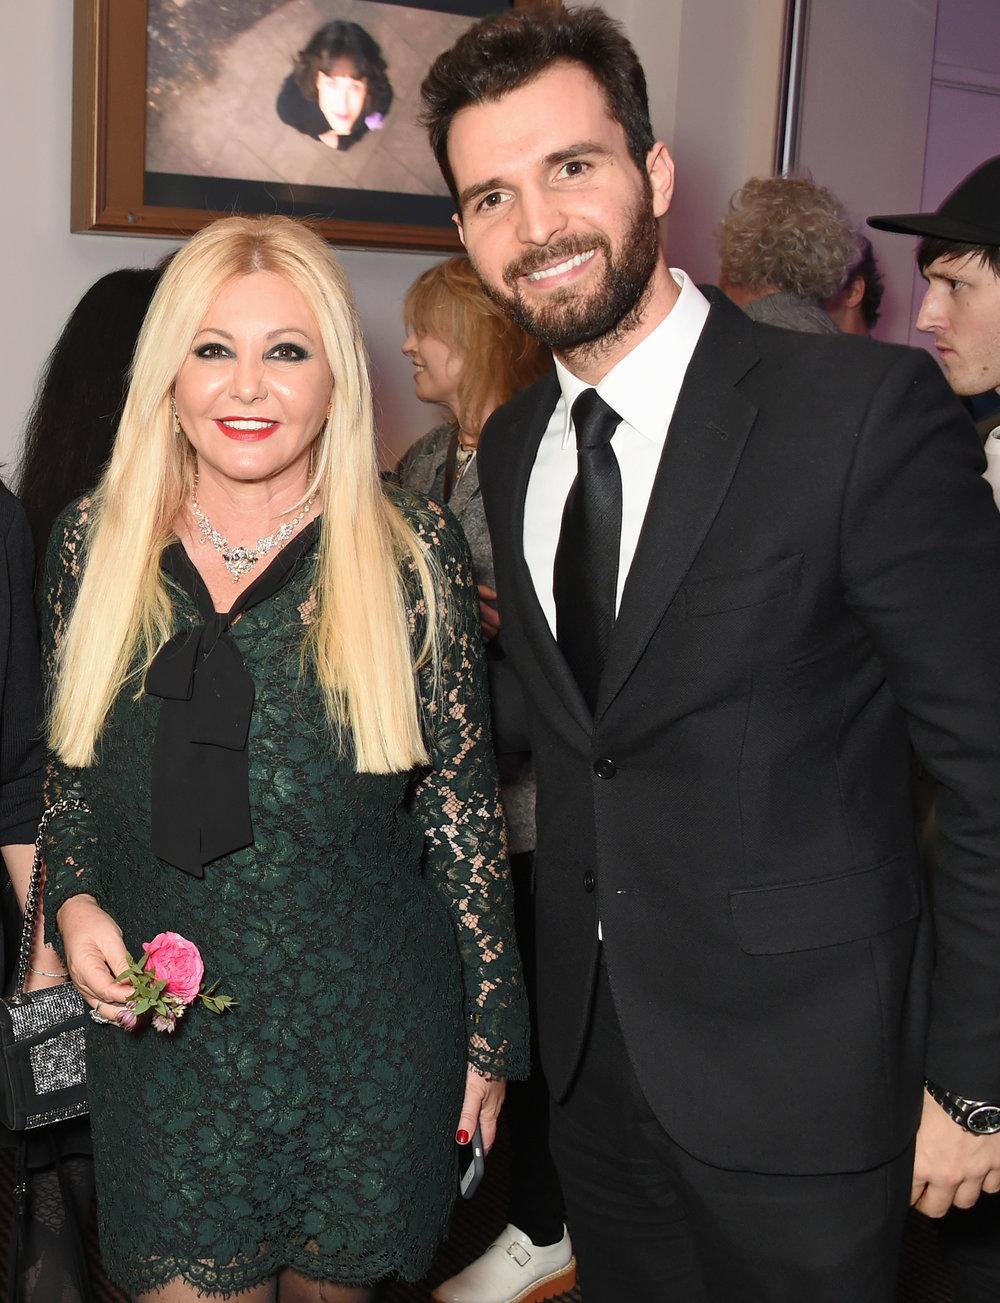 Monika Bacardi and Andrea Iervolino at 'This Beautiful Fantastic' at BAFTA